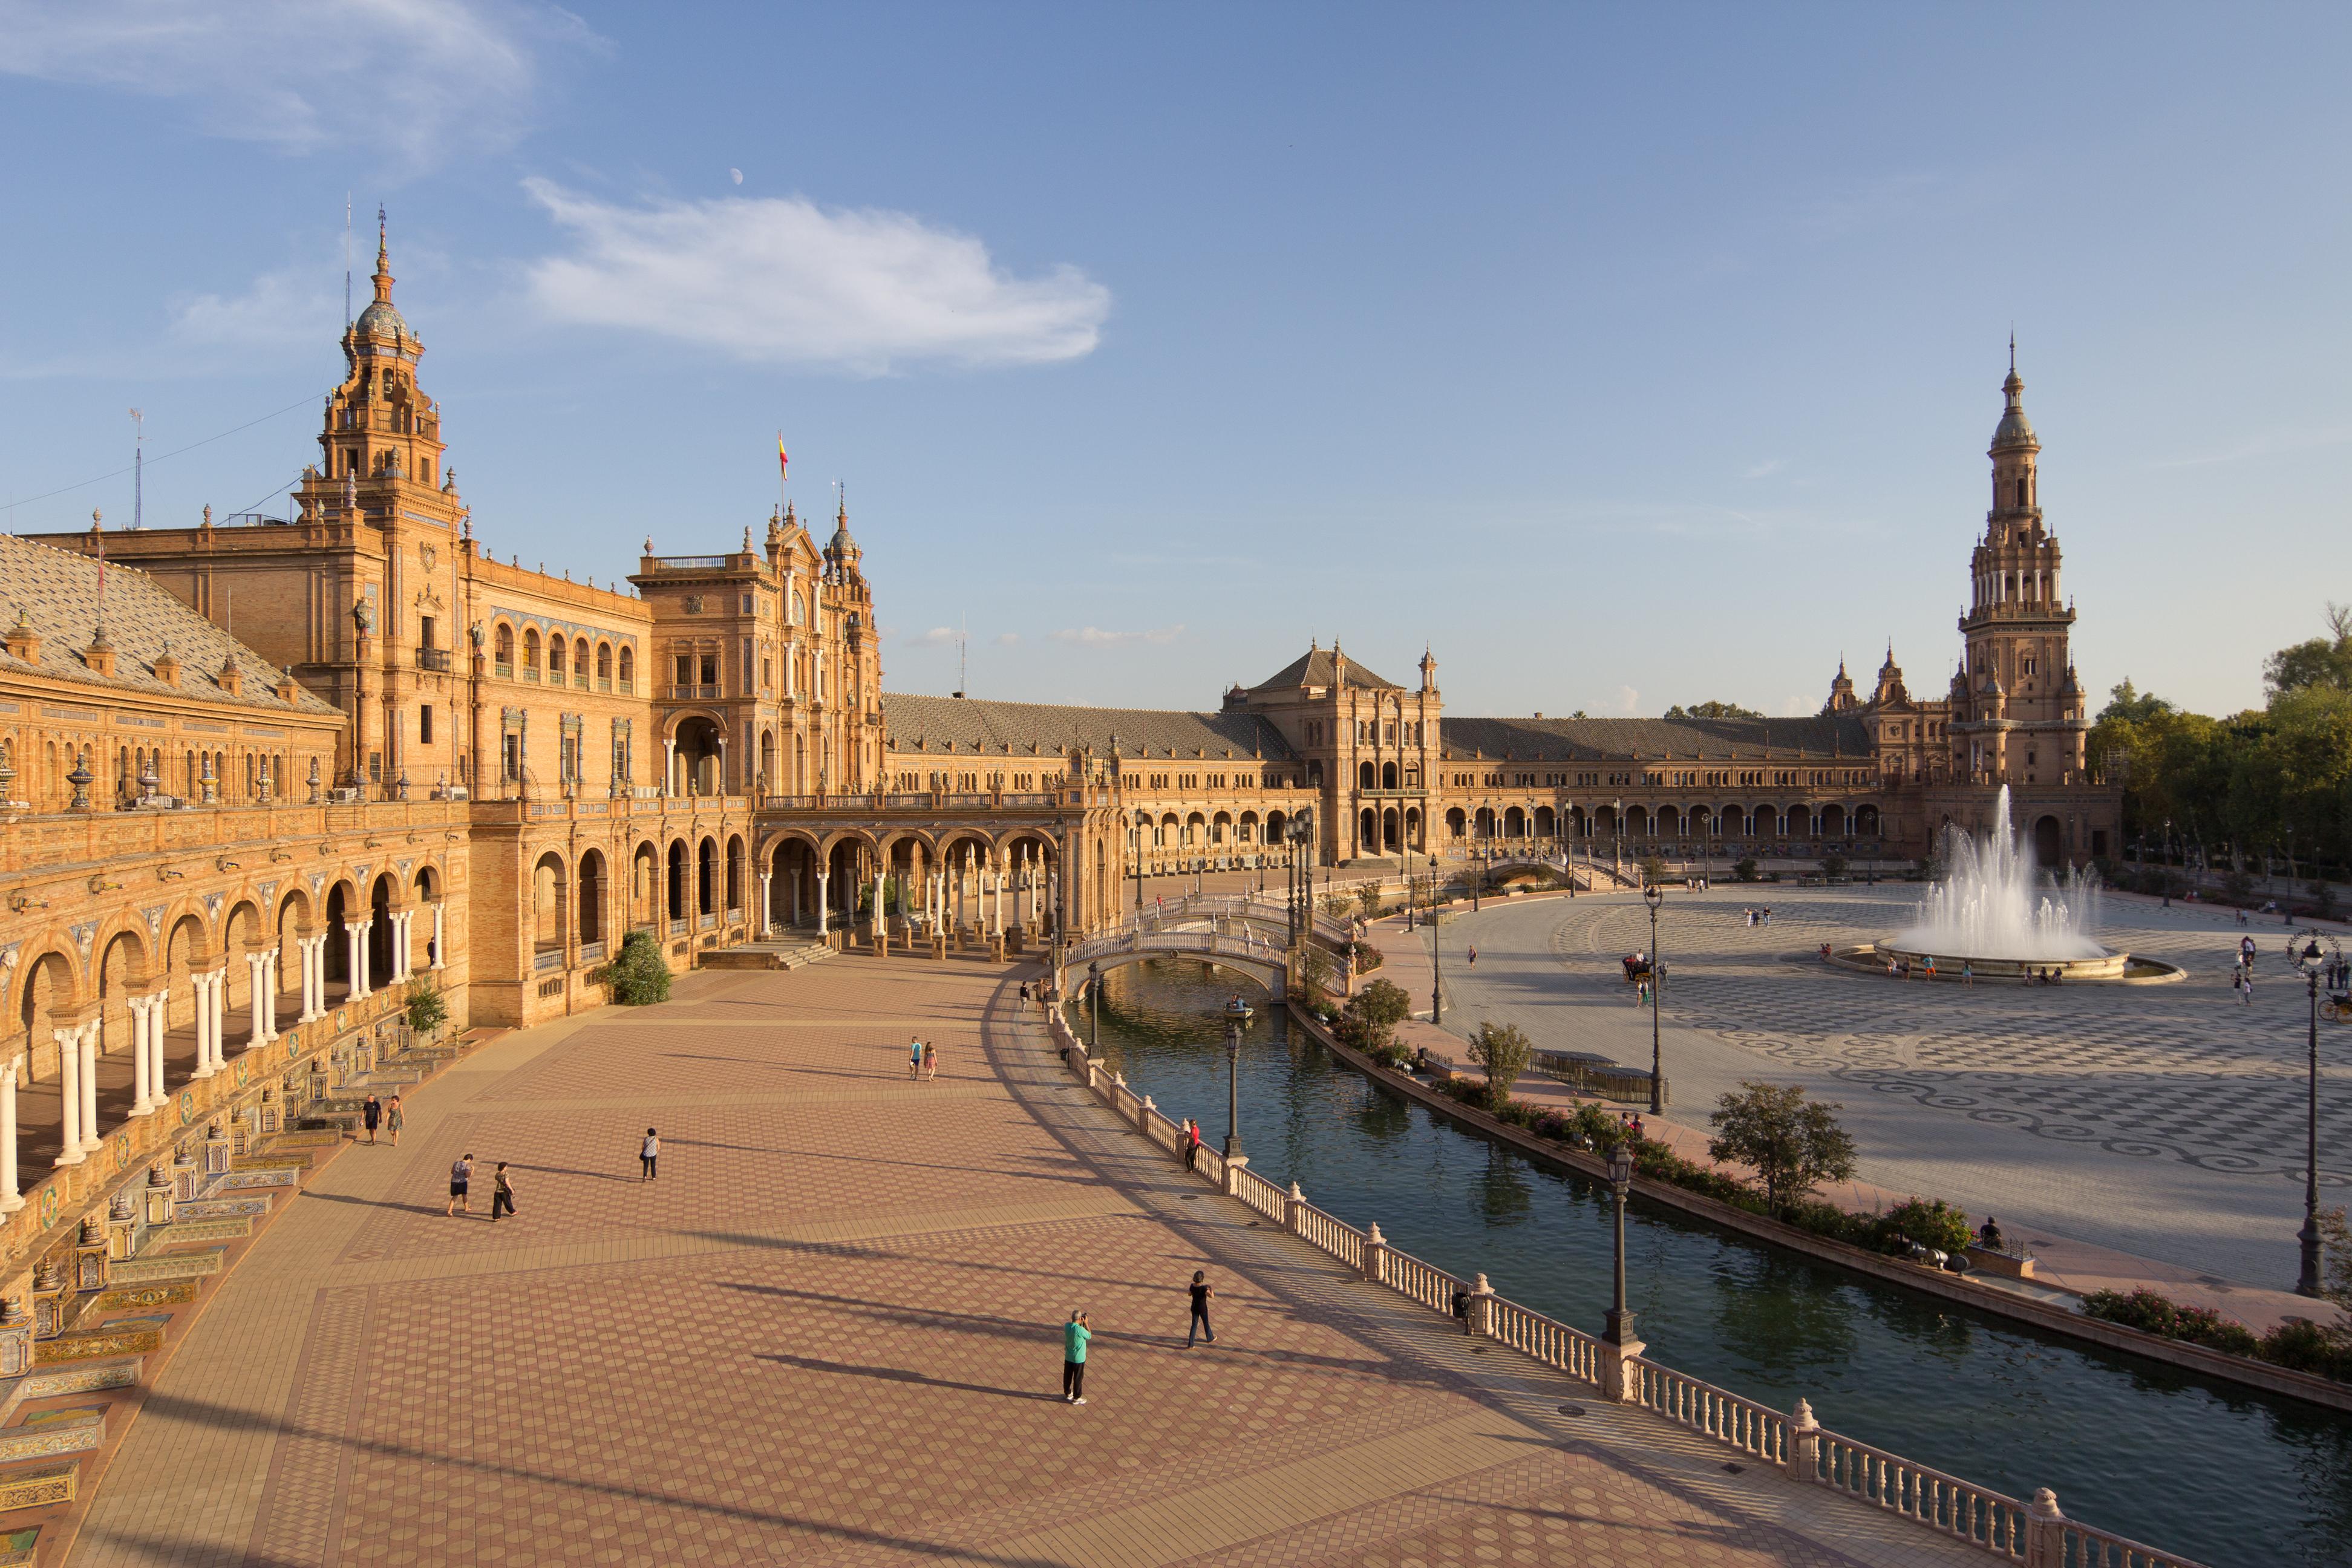 Plaza de España, Seville, Andalusia, Southern Spain